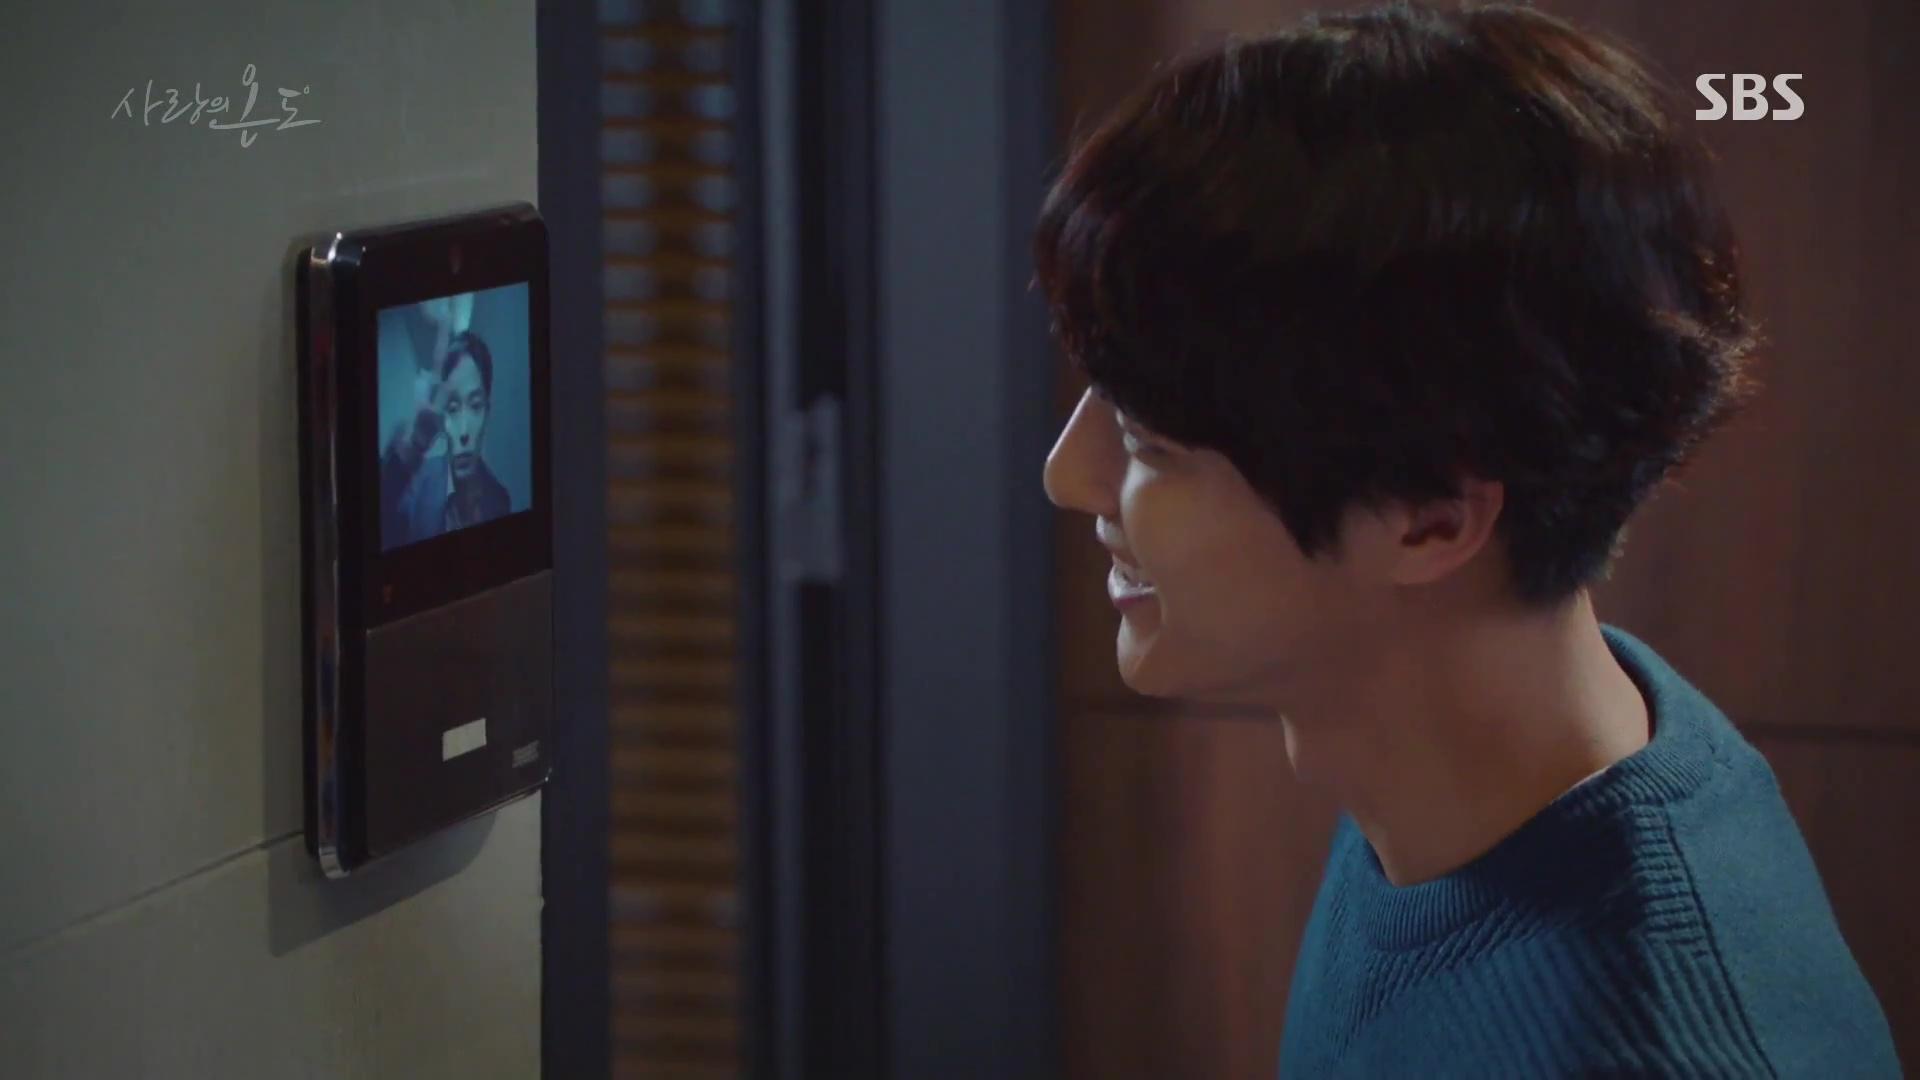 Bị nam chính bơ đẹp, yêu nữ số 1 Hàn Quốc nuốt không nổi cơm, quyết phục thù - Ảnh 18.